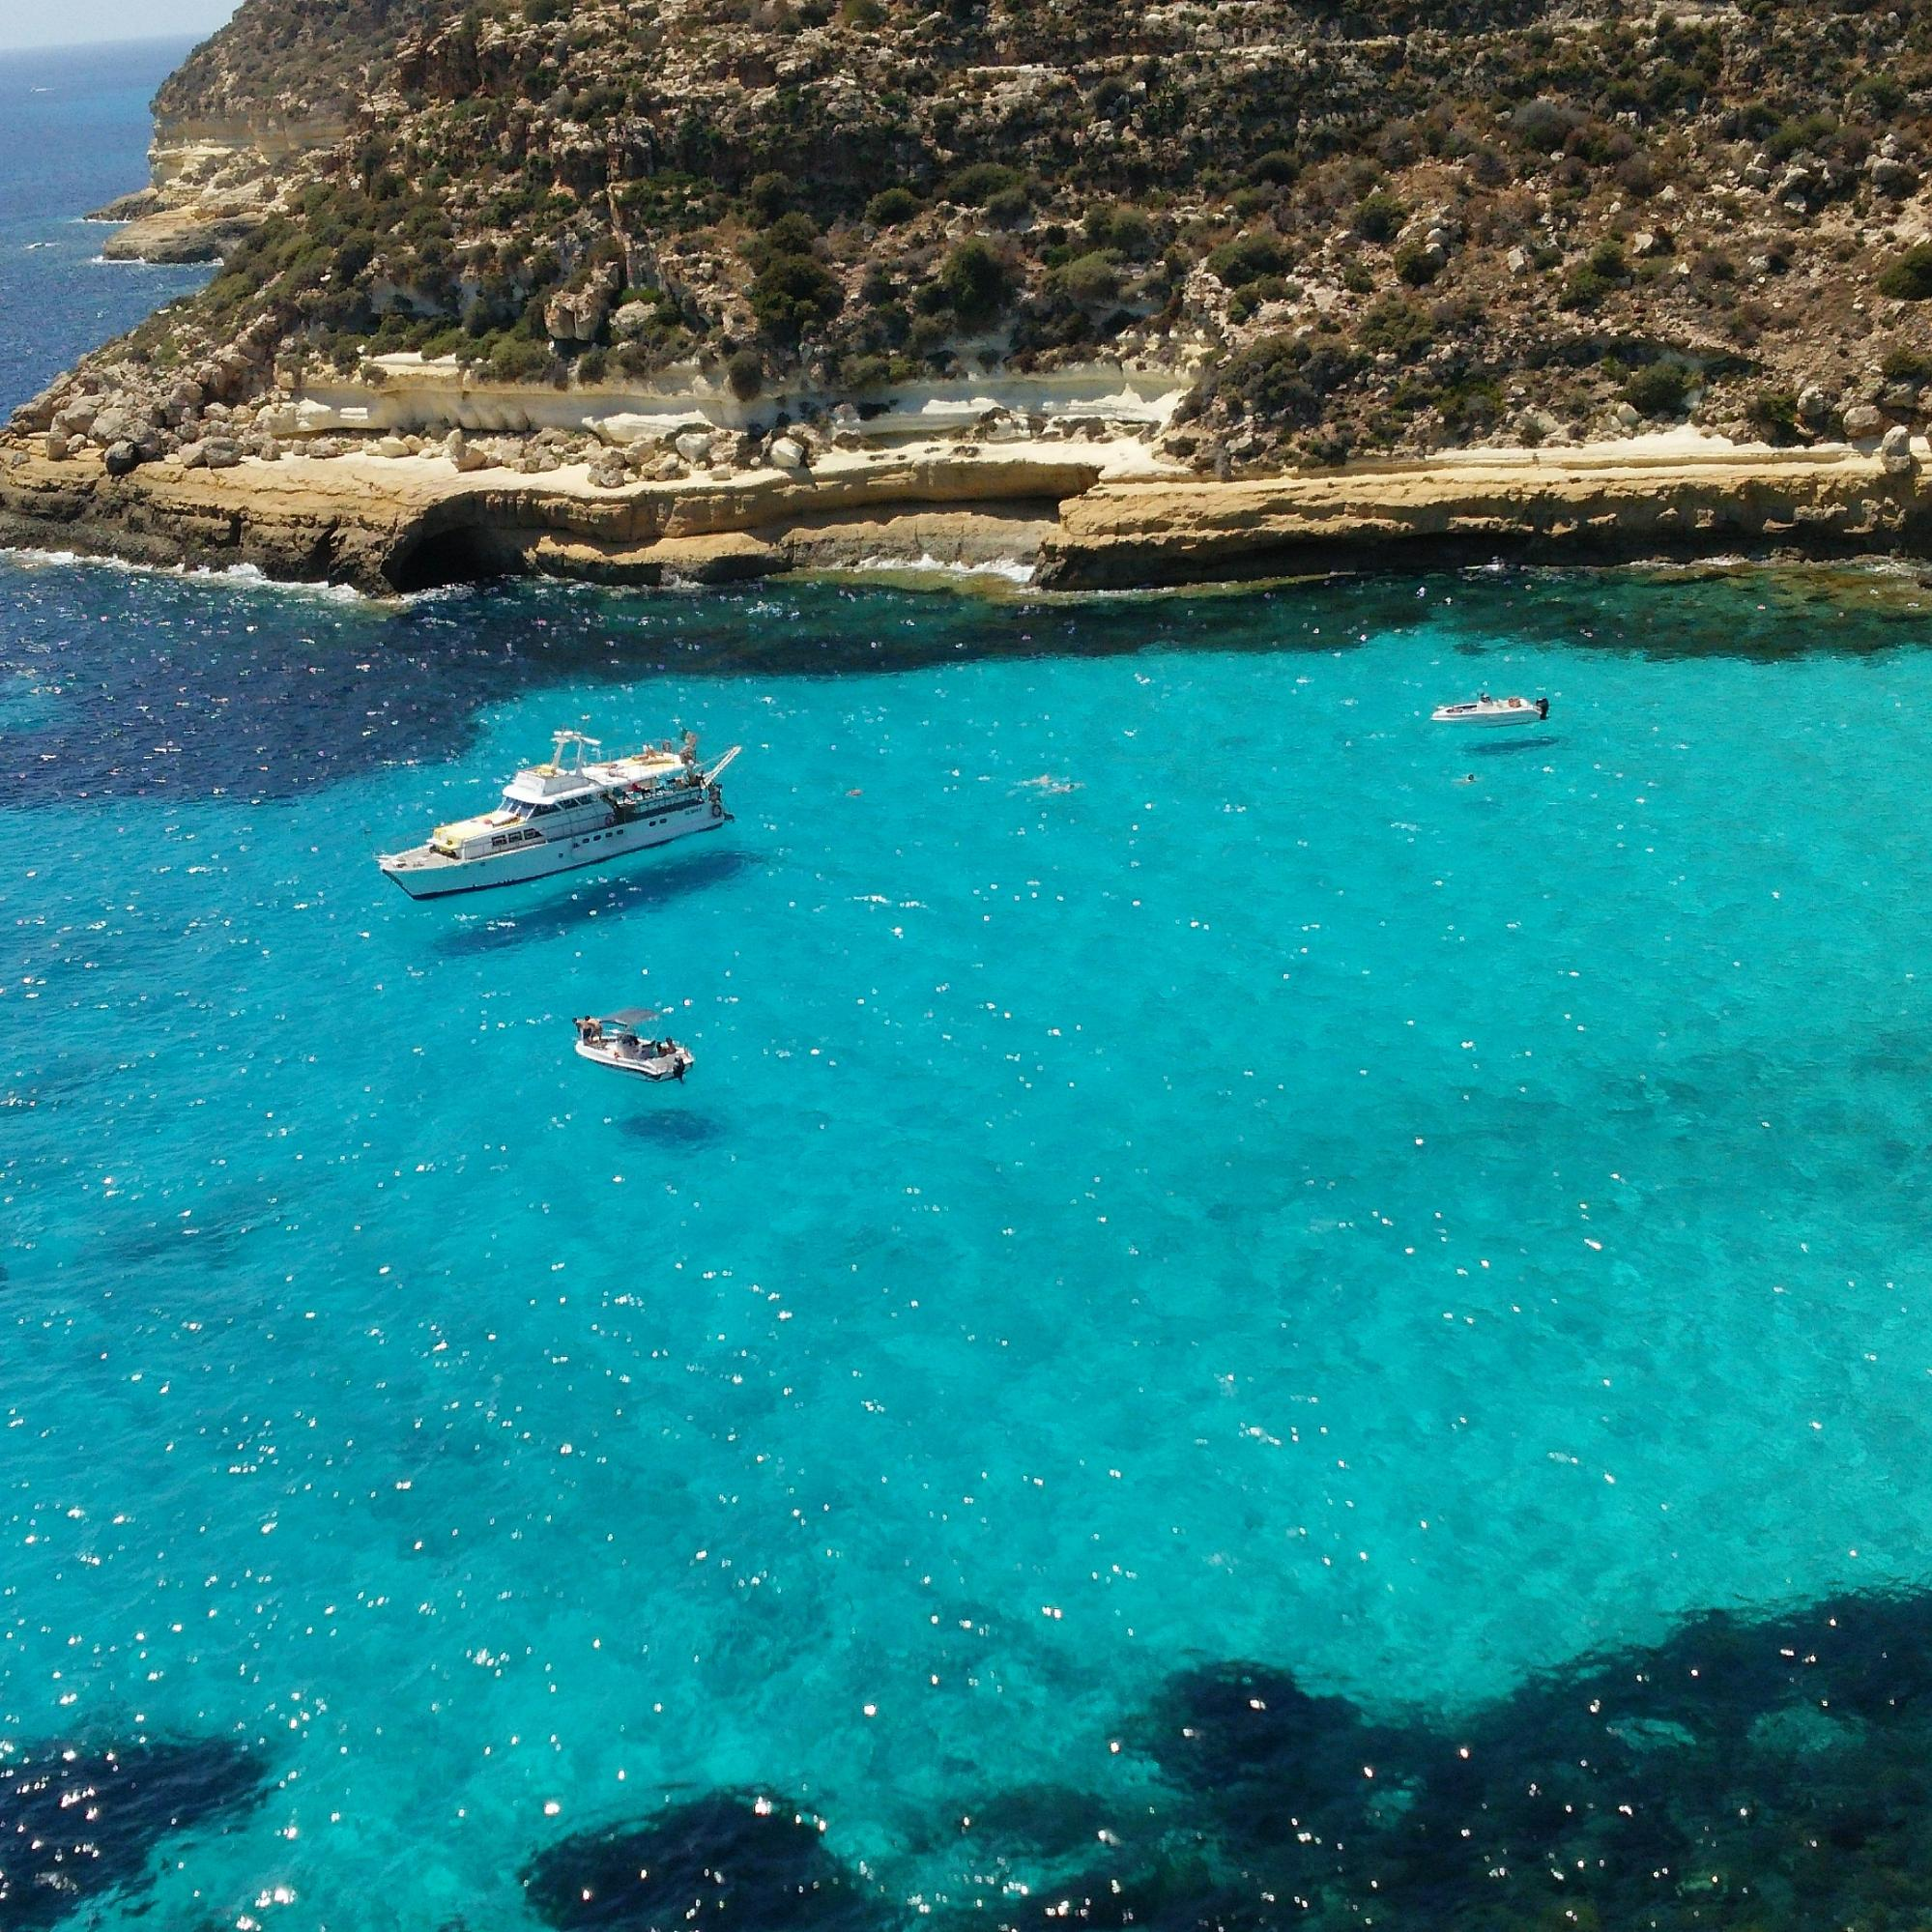 ランペドゥーザ島の観光:フライングボート